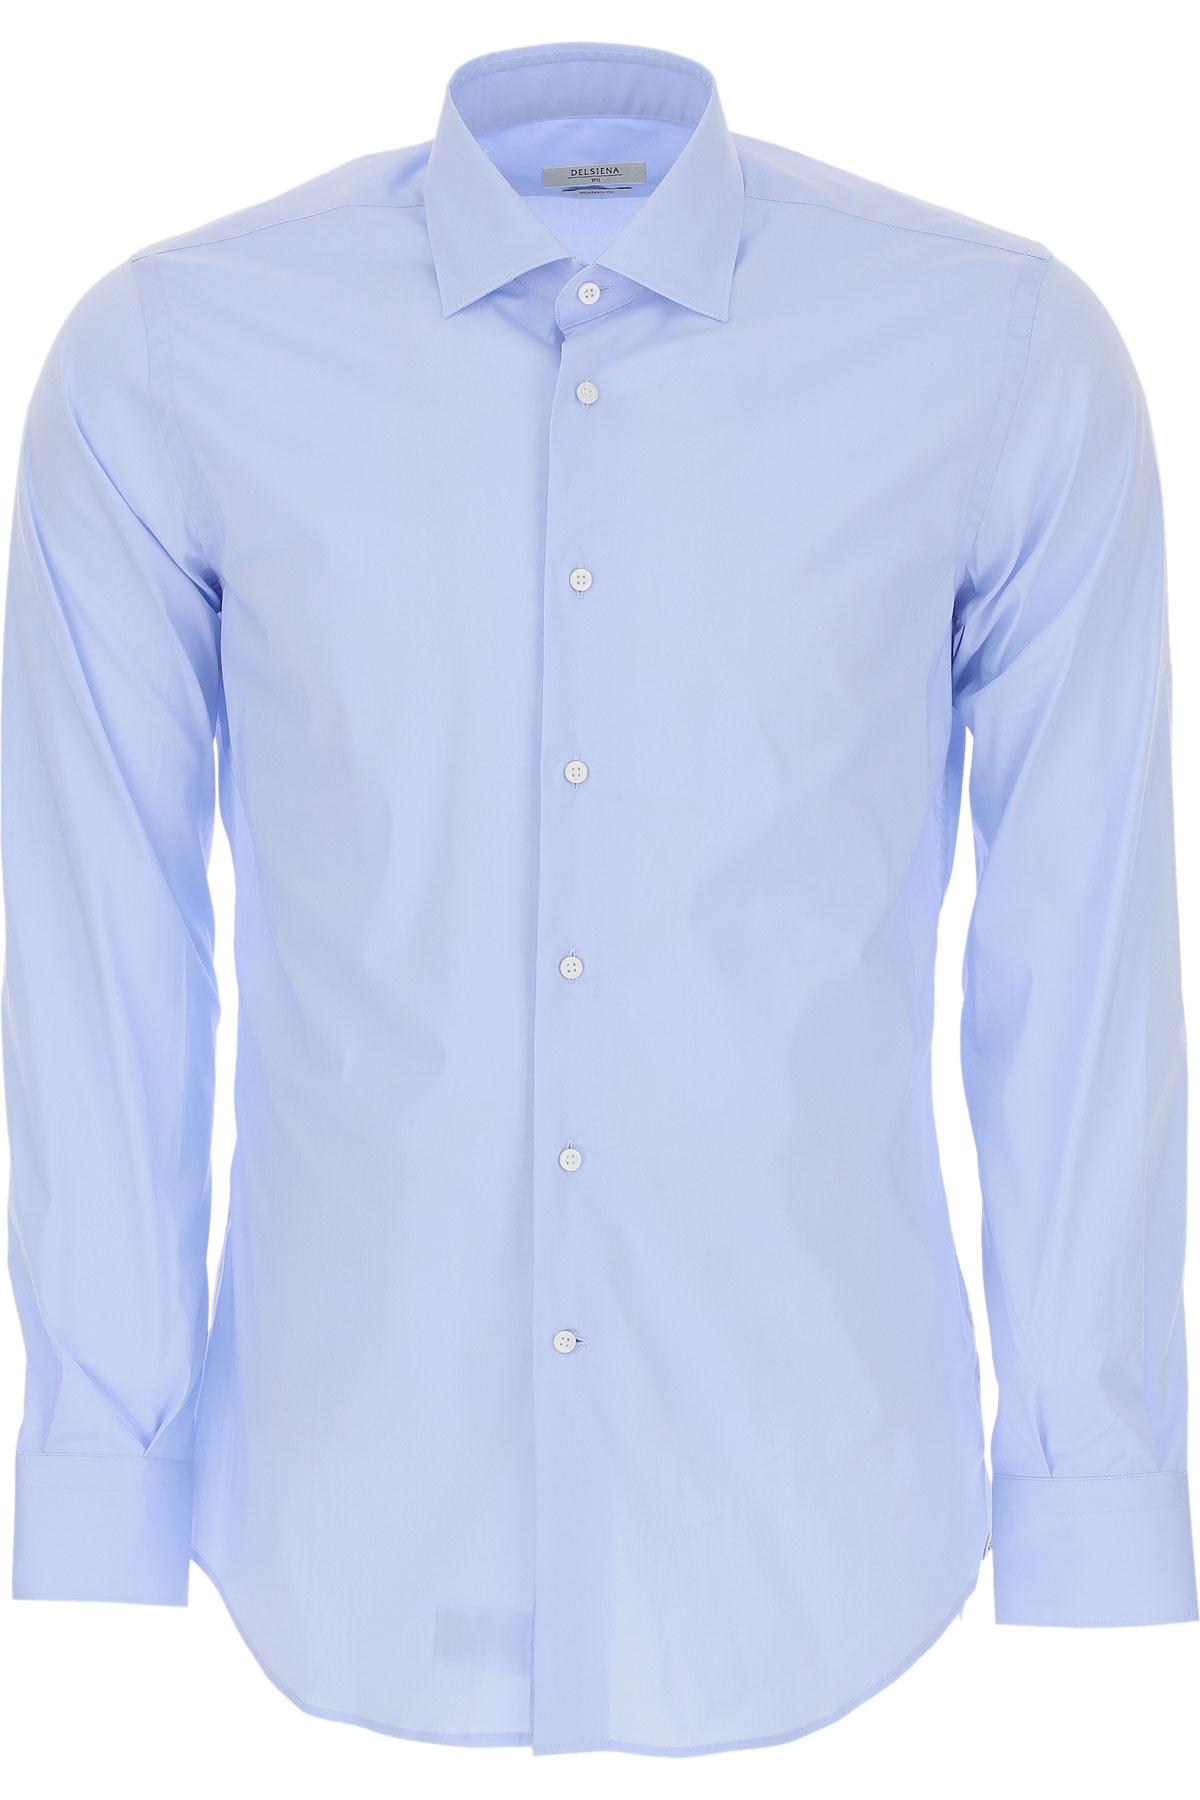 Del Siena Shirt for Men On Sale, Blue Sky, Cotton, 2019, 15.5 16.5